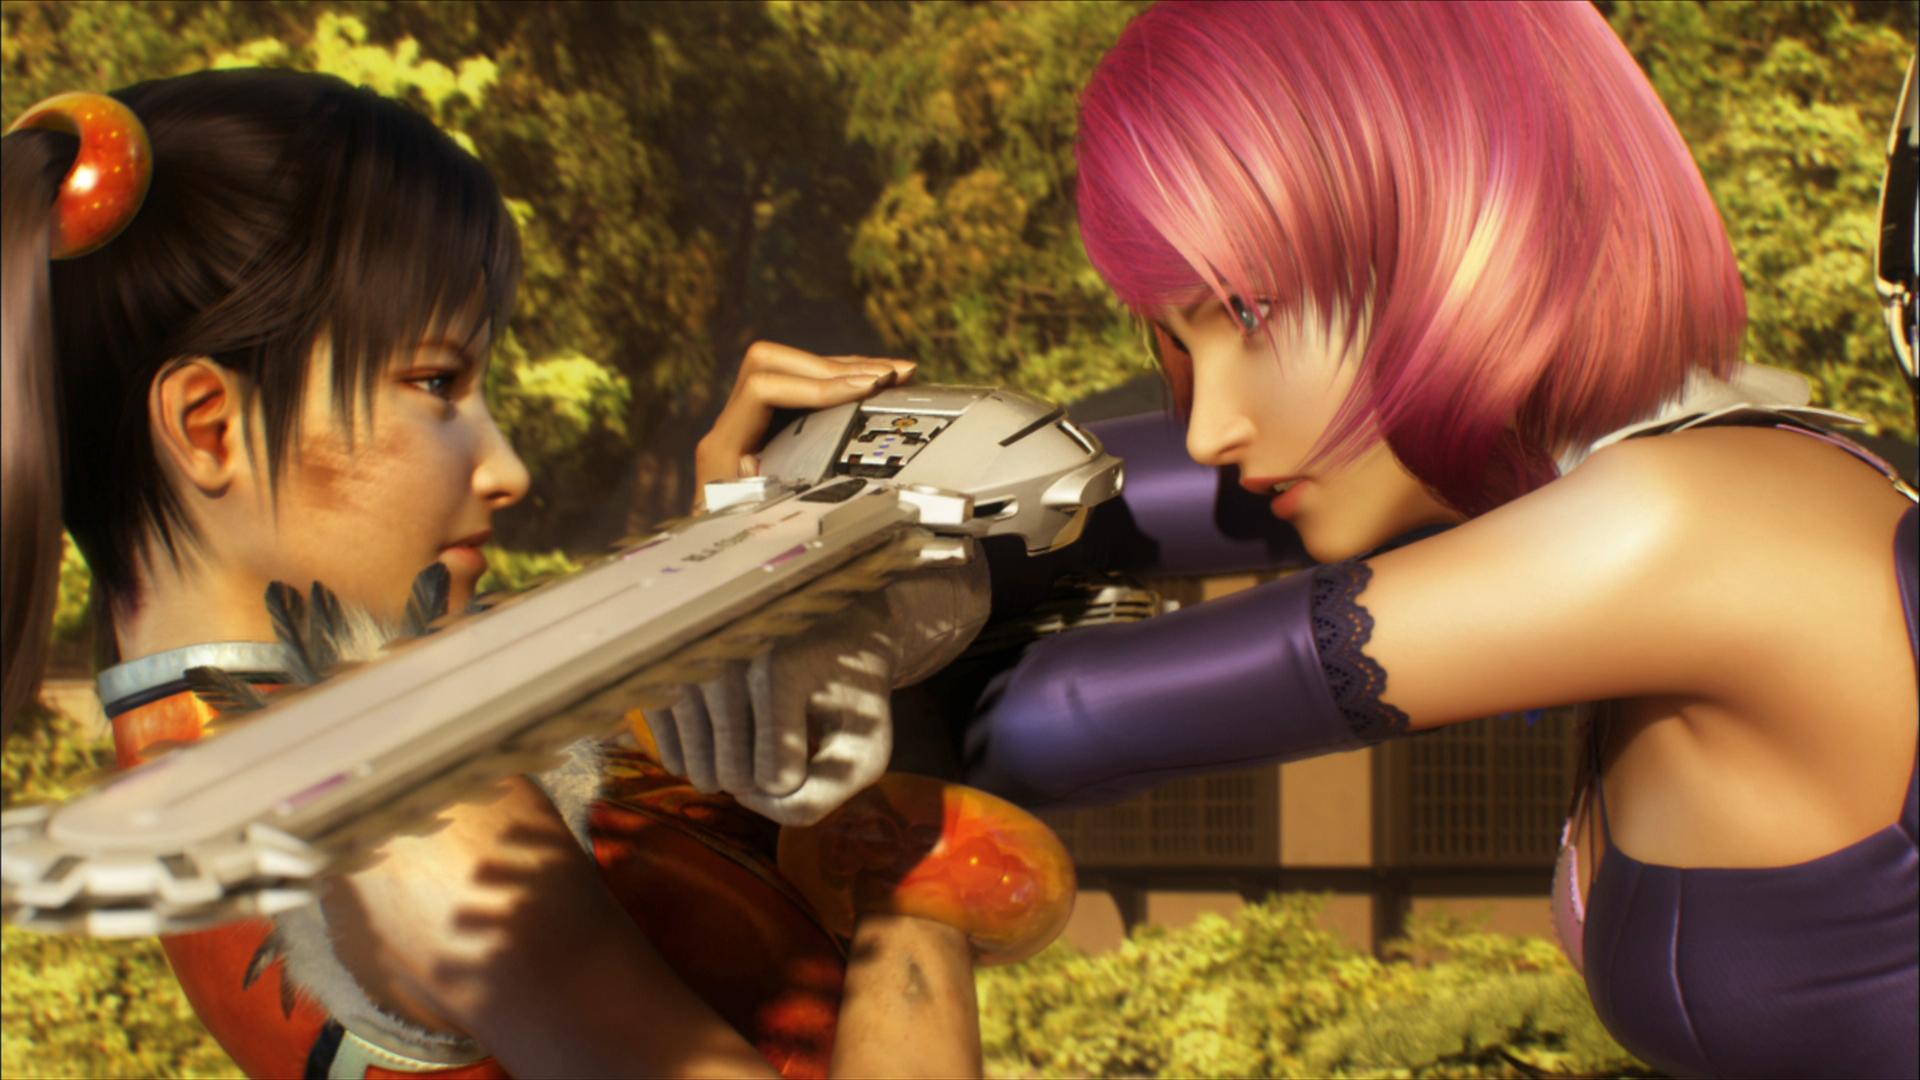 http://www.eldojogamer.com/wp-content/uploads/2011/07/Tekken-Blood-Vengeance-25-07-11-001.jpg